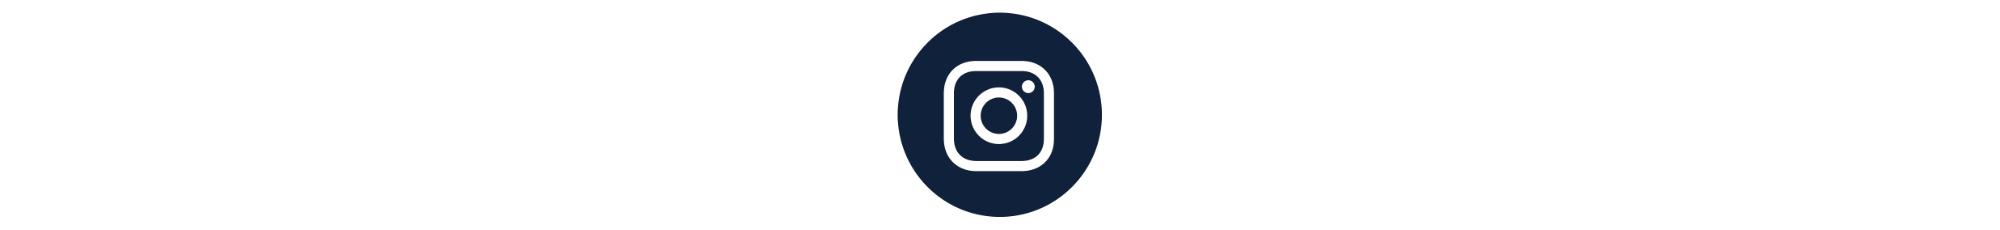 Navy Instagram Band for Website.jpg